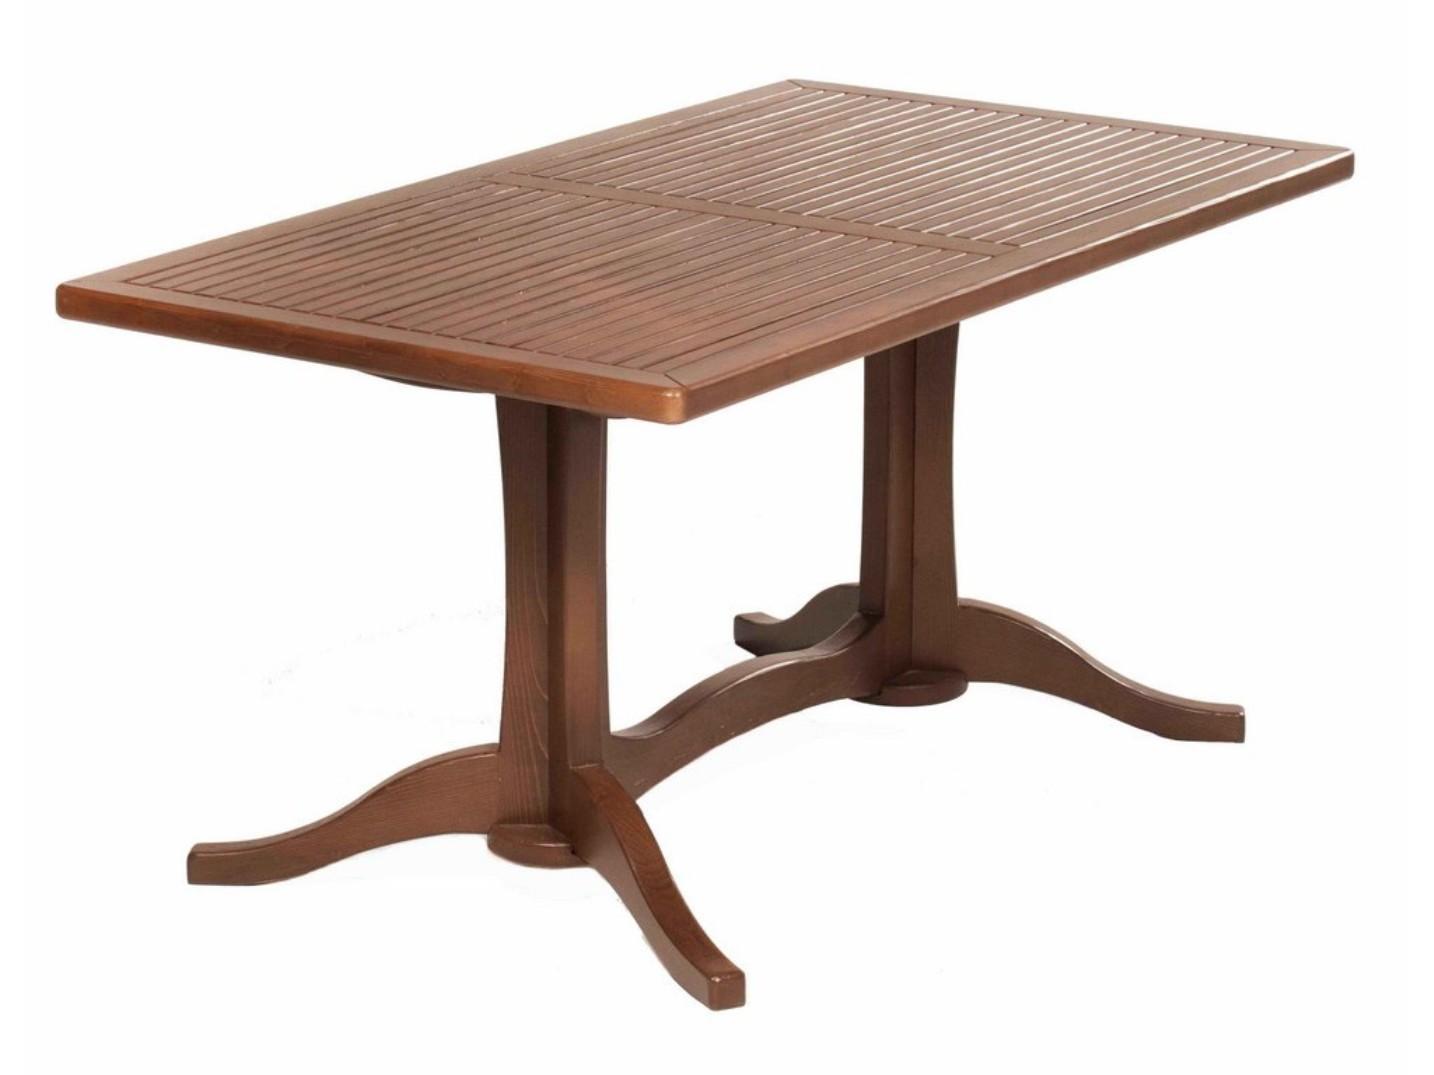 Стол ЖардинСтолы и столики для сада<br>Стол из натуральной древесины.<br><br>Material: Дерево<br>Ширина см: 150<br>Высота см: 75<br>Глубина см: 85